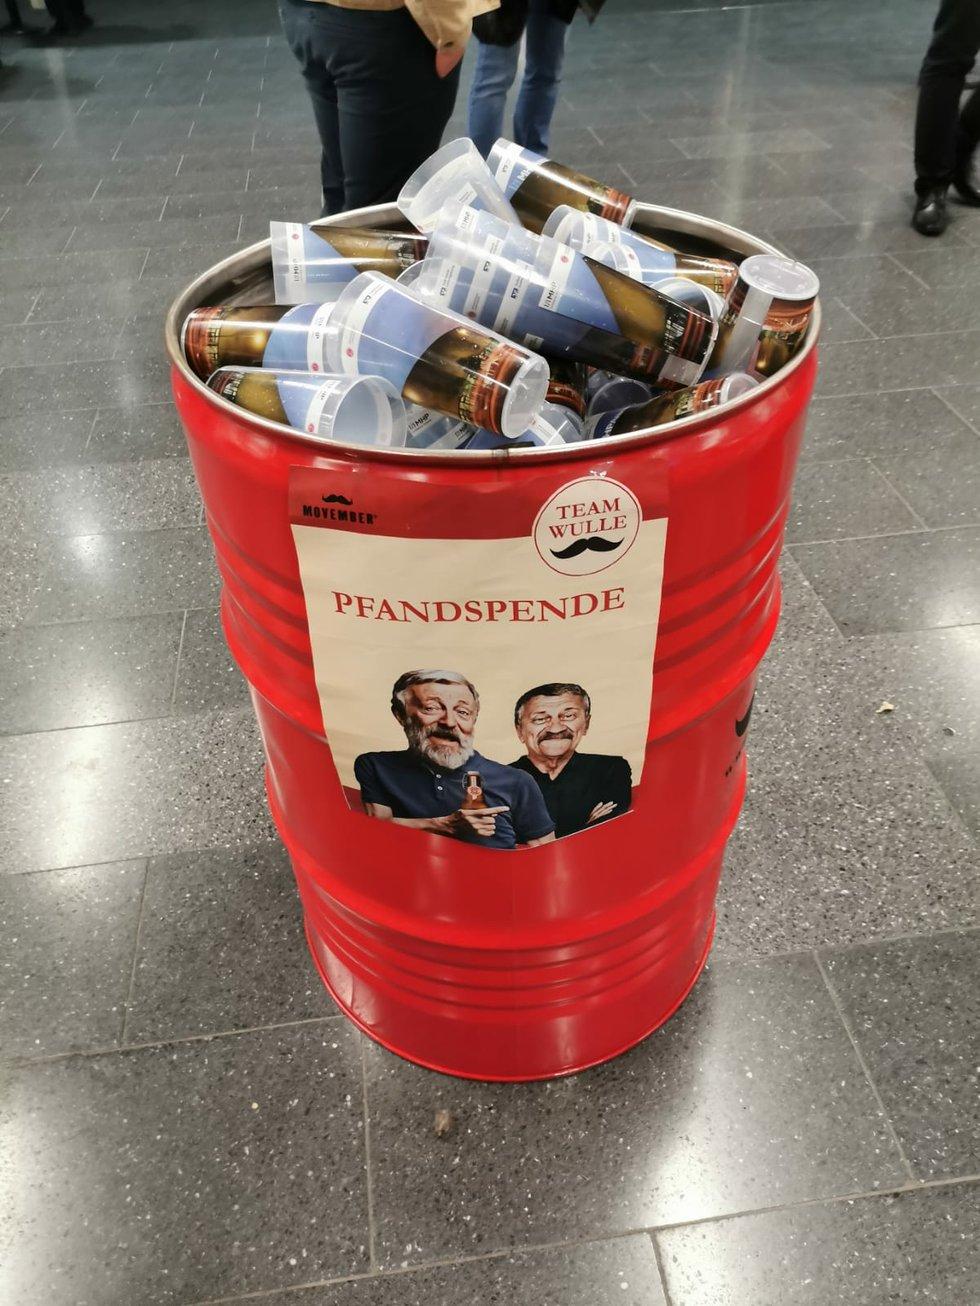 Wulle_MHP-Riesen_Pfand-Spenden-Tonne.jpg